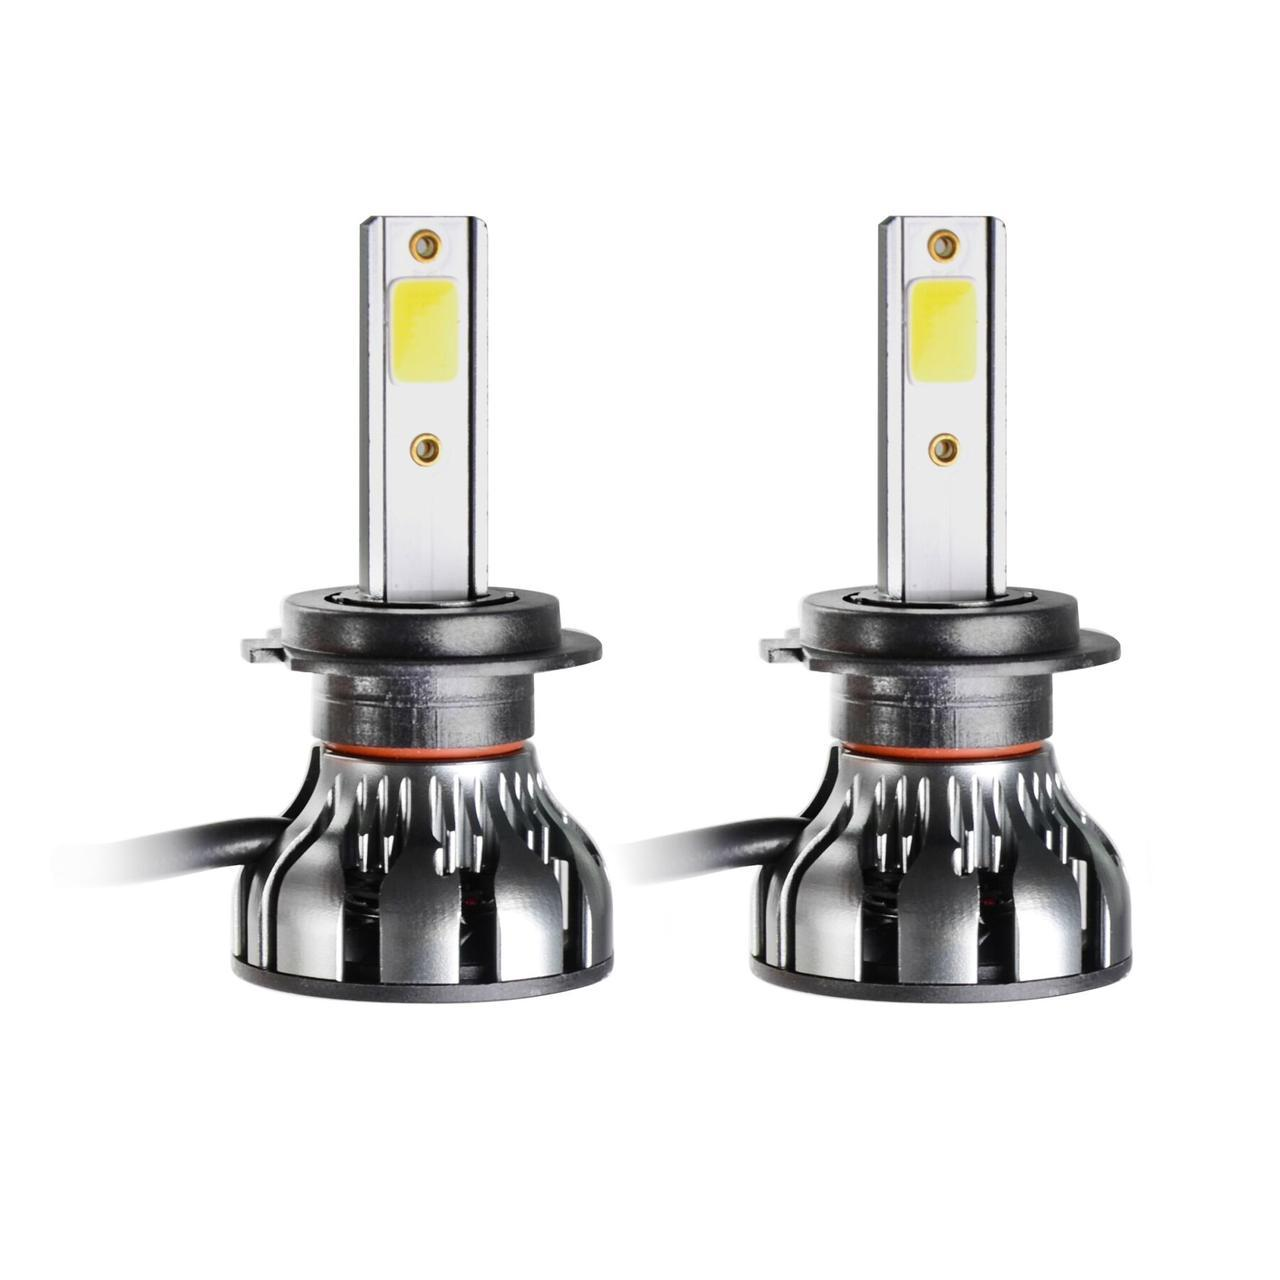 Светодиодные LED лампы MLux Grey Line H7, 26 Вт, 4300°К